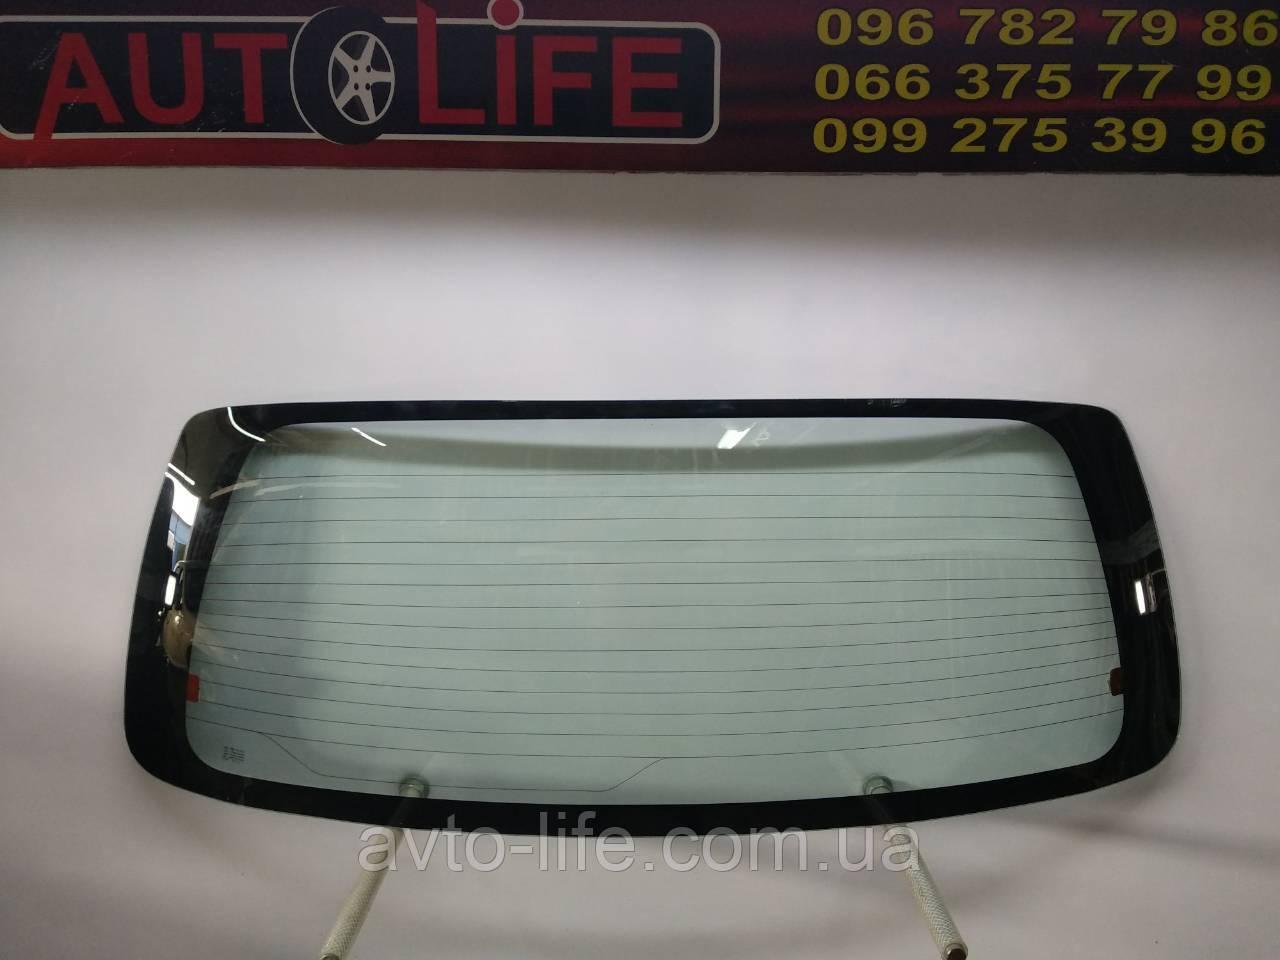 Заднее стекло (ляда) Hyundai H200 (1997-2007) с обогревом   Заднє скло Хюндай 200